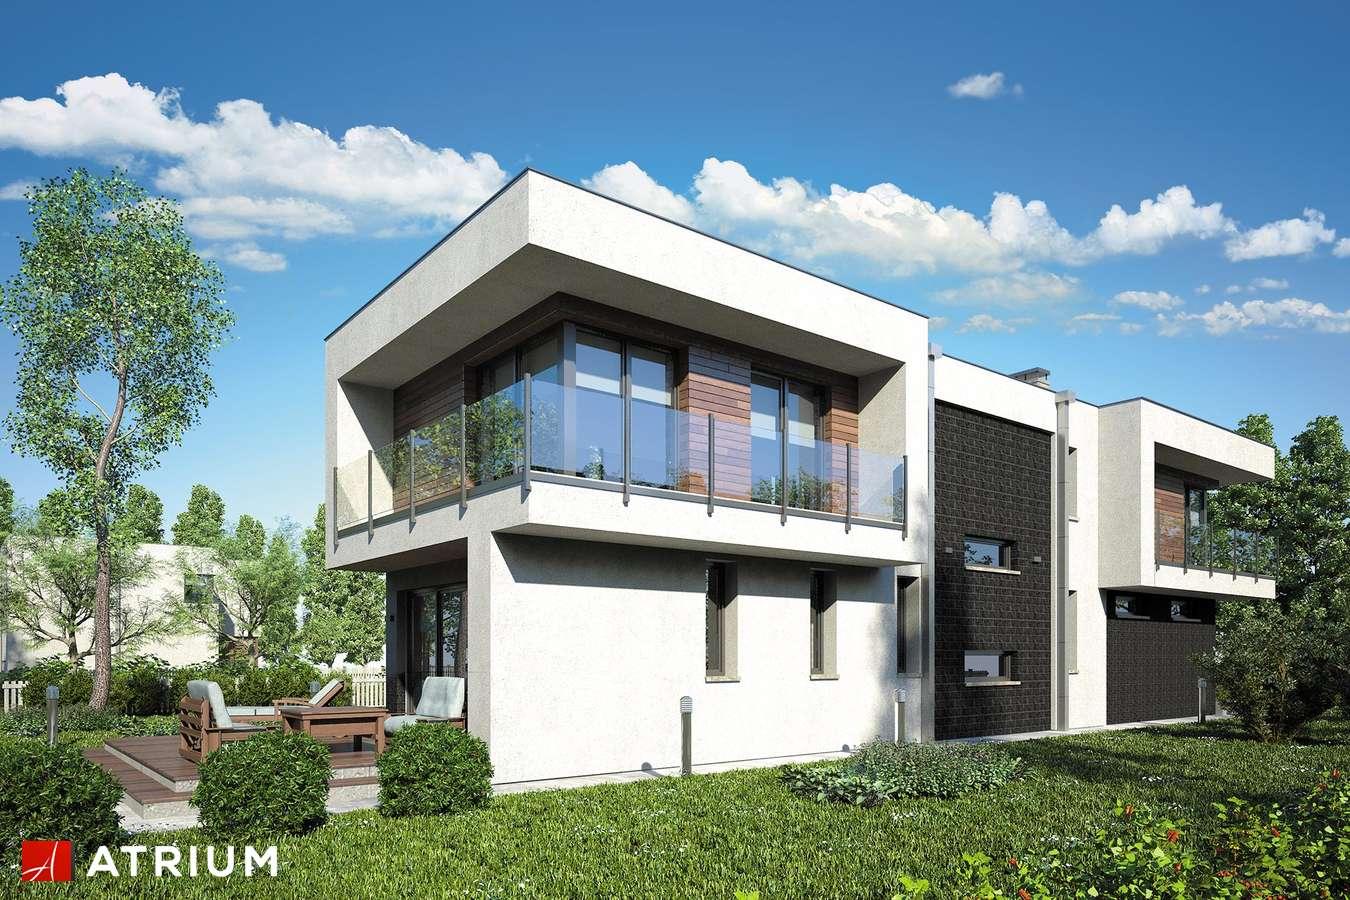 Projekty domów - Projekt domu piętrowego MODERN HOUSE - wizualizacja 2 - wersja lustrzana